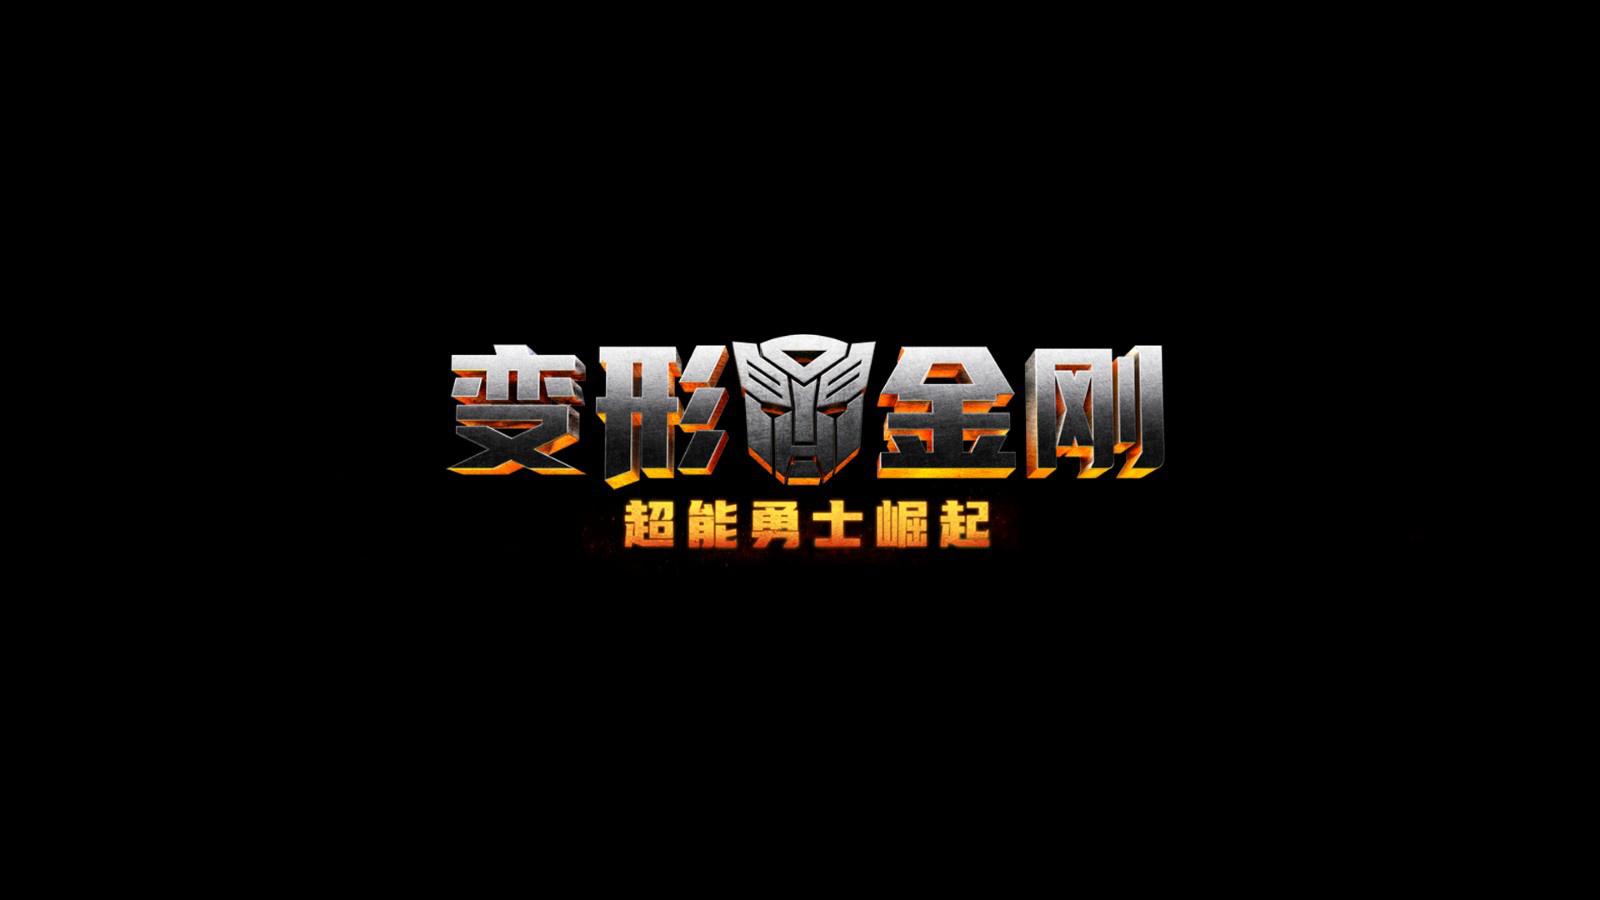 超級IP回歸!《變形金剛7》曝中文片名及主創陣容